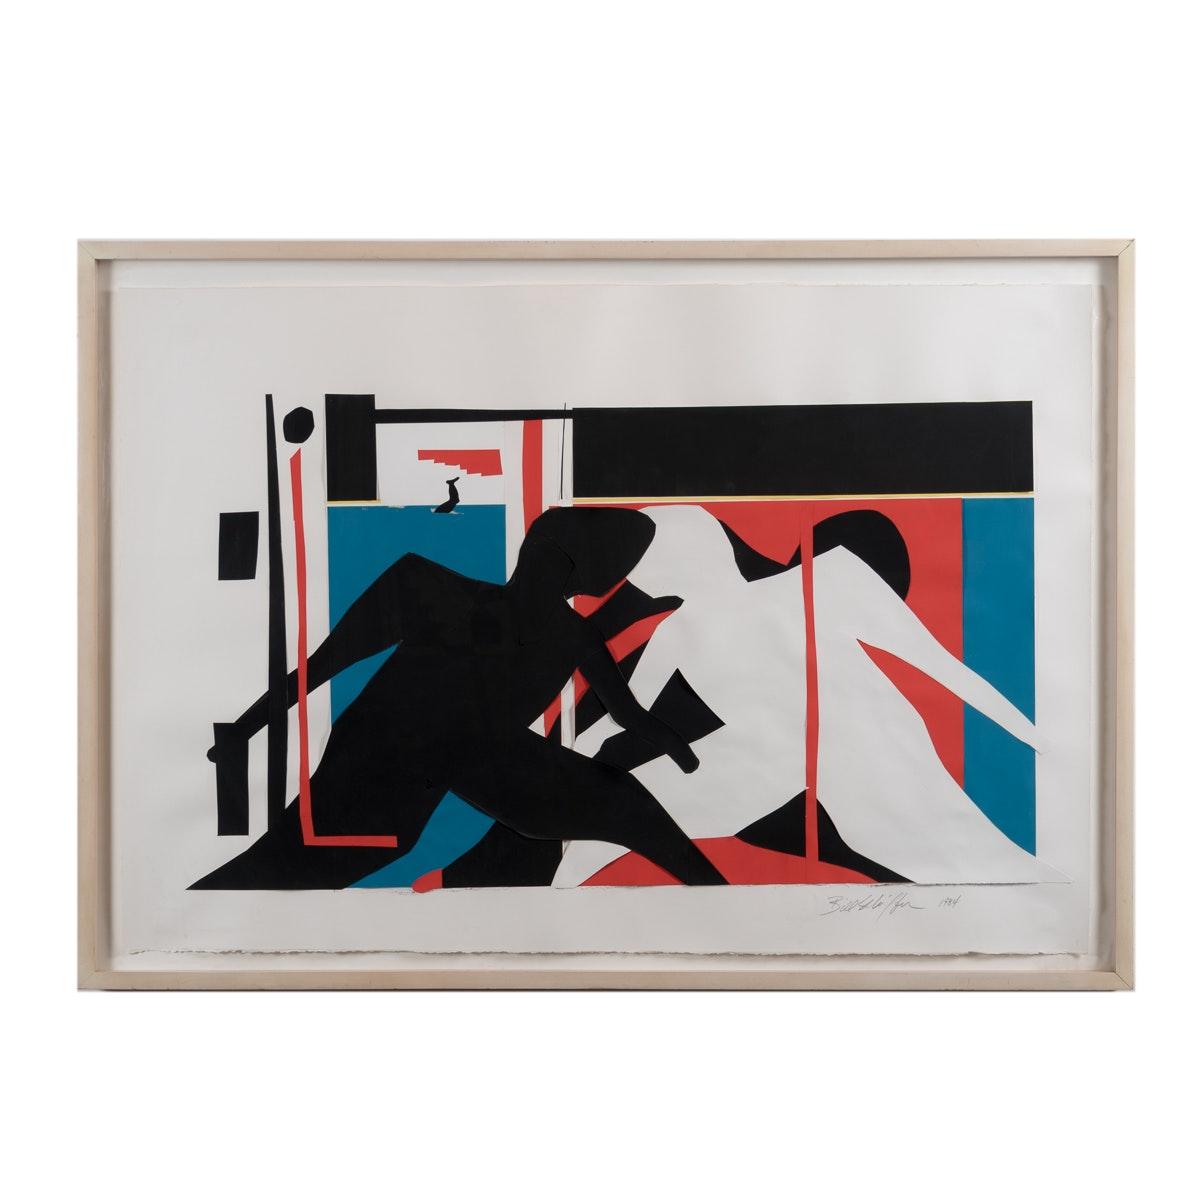 """Bill Schiffer 1984 Cut Paper Collage """"Midtown 11:45 AM"""""""